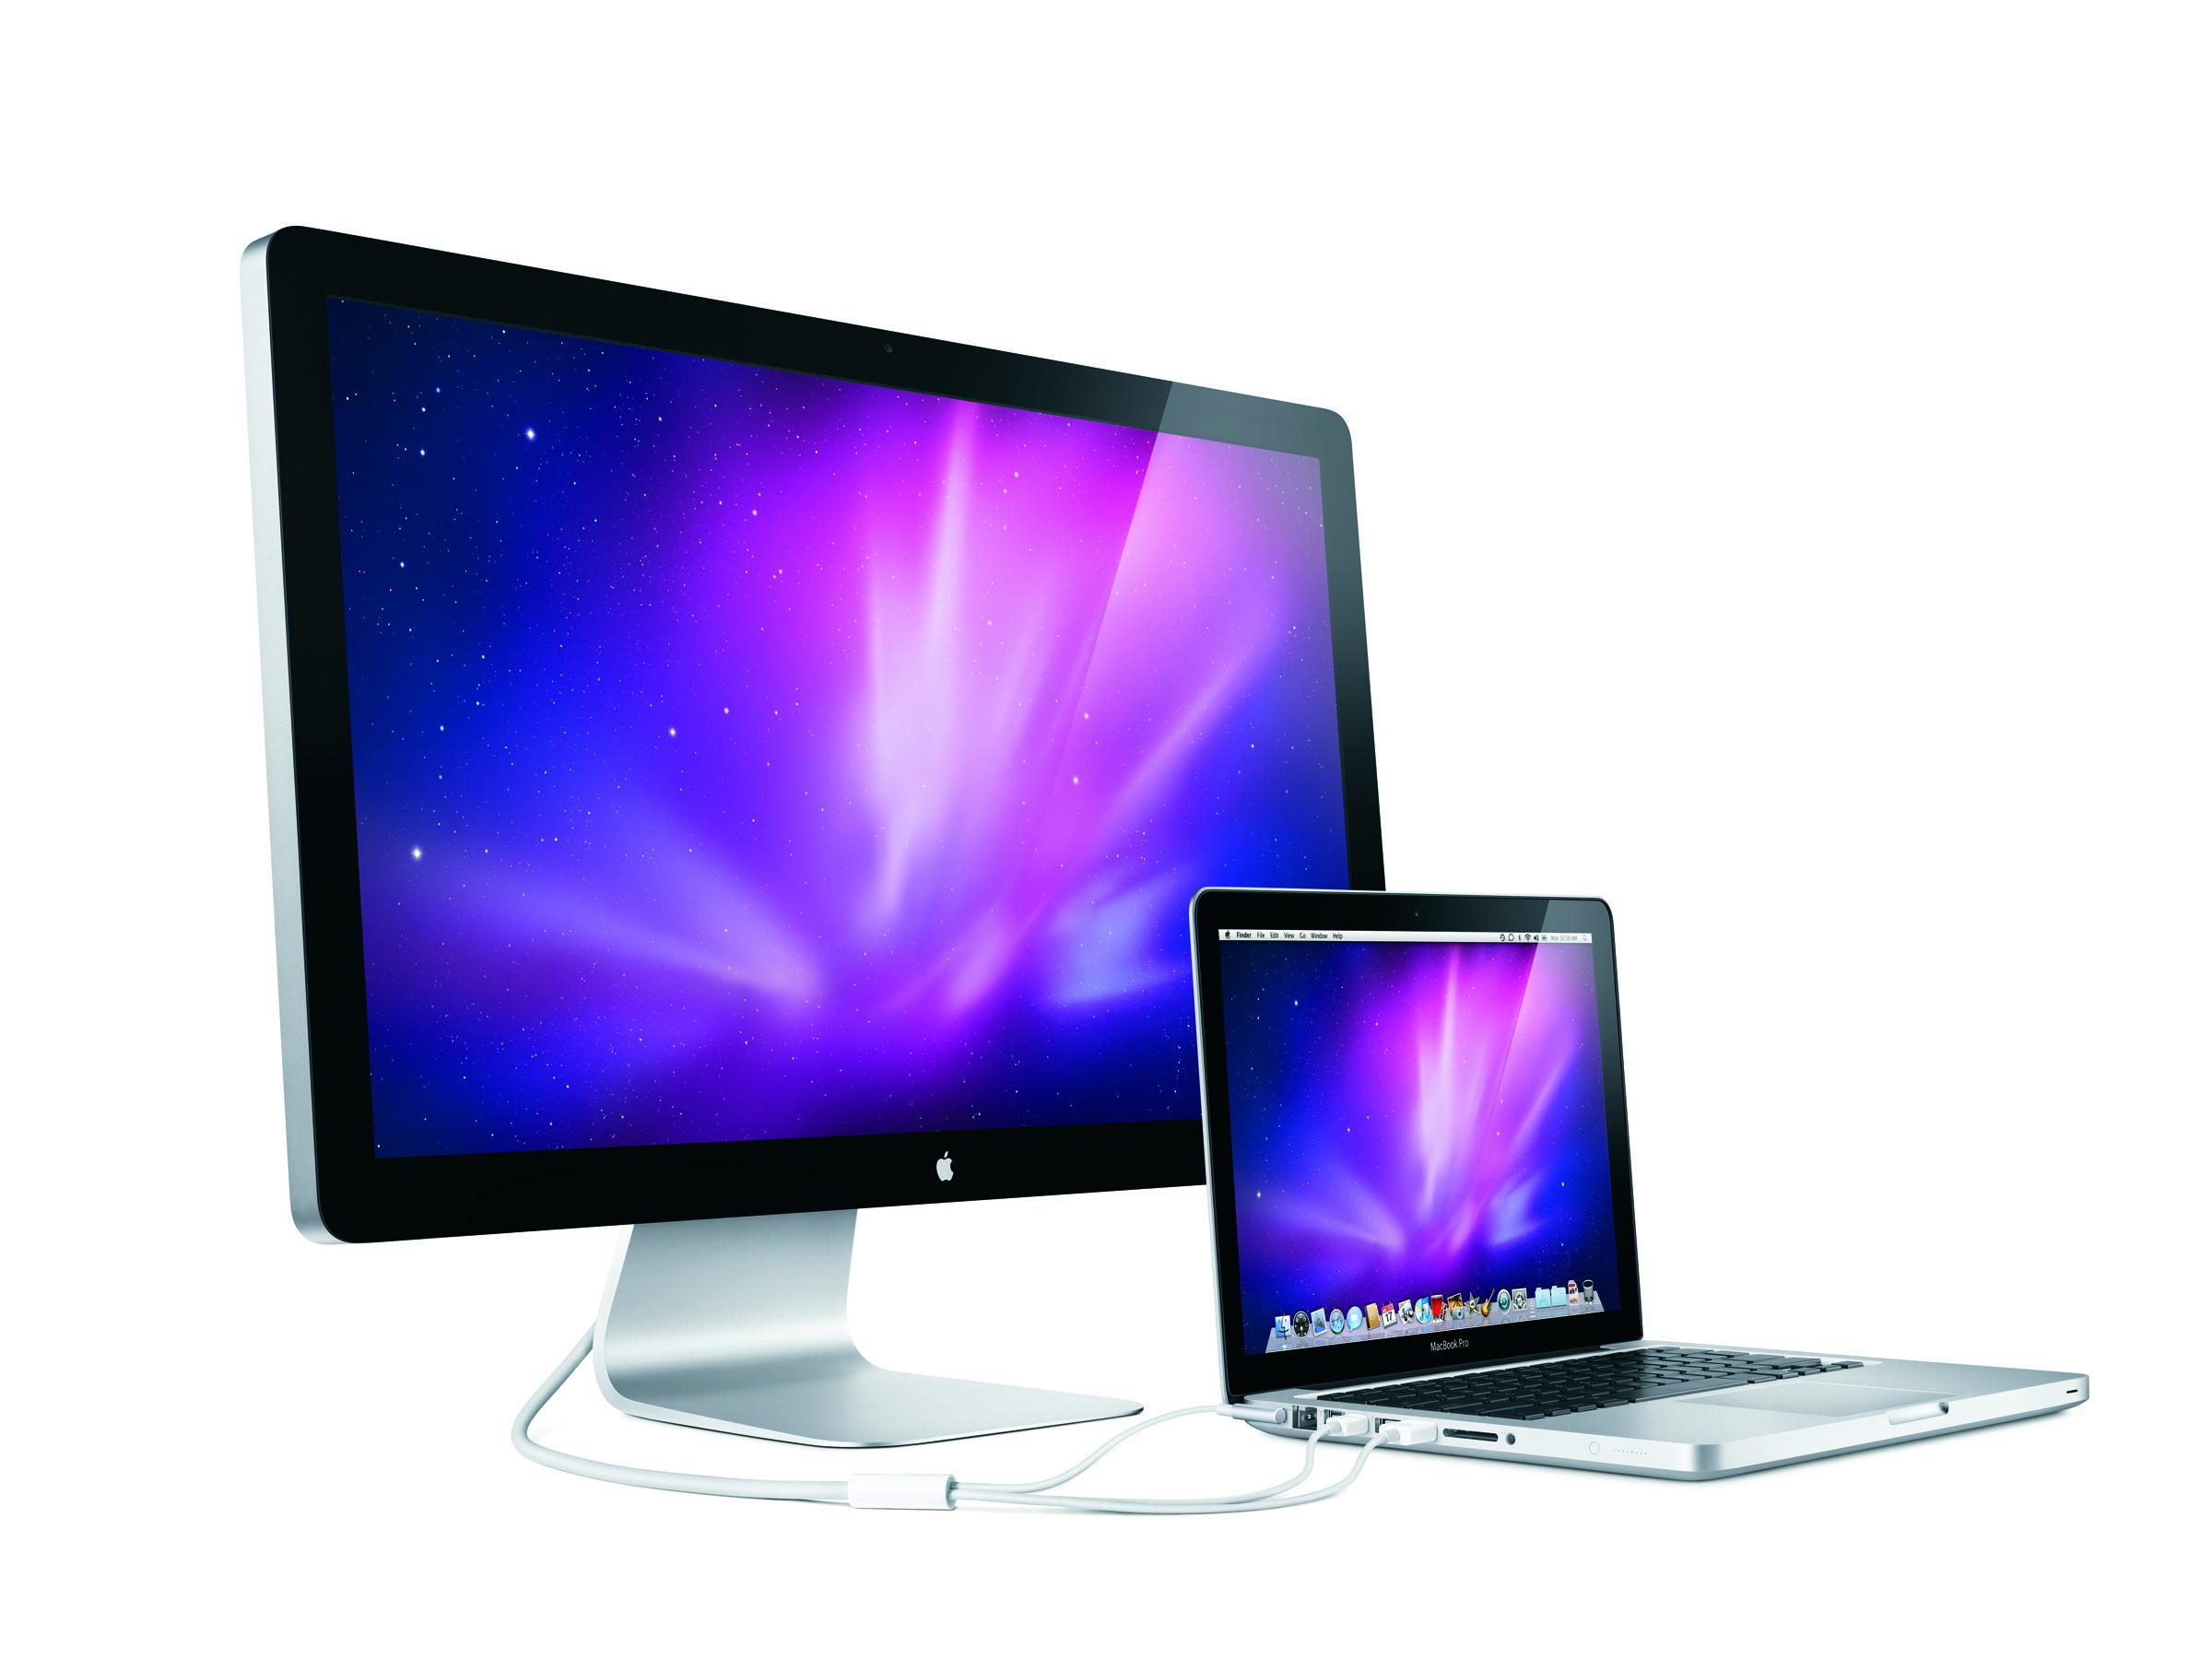 Apple Inc. (AAPL), LED Cinema Display